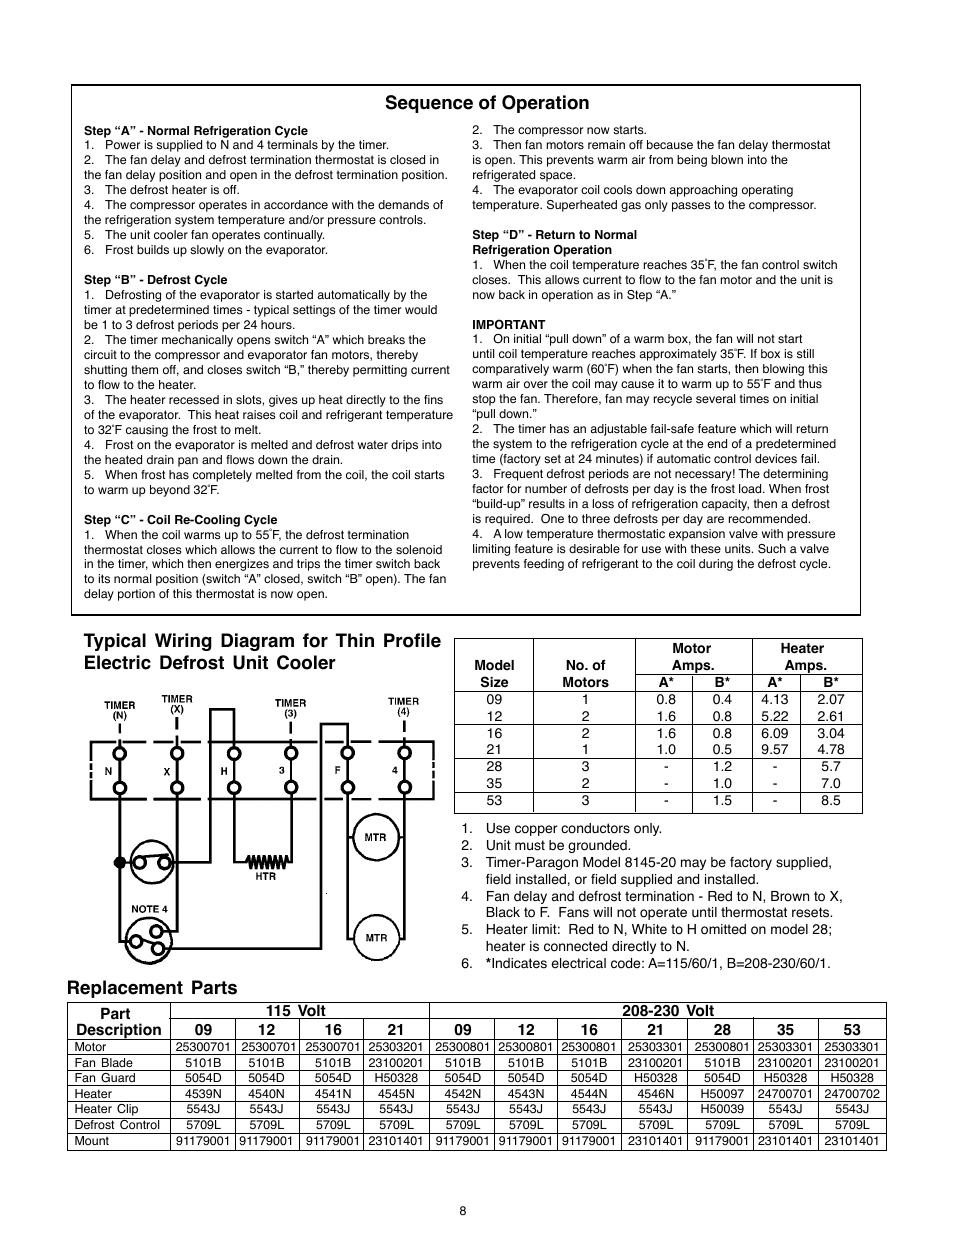 Tolle Am Telefonschaltplan Galerie - Verdrahtungsideen - korsmi.info